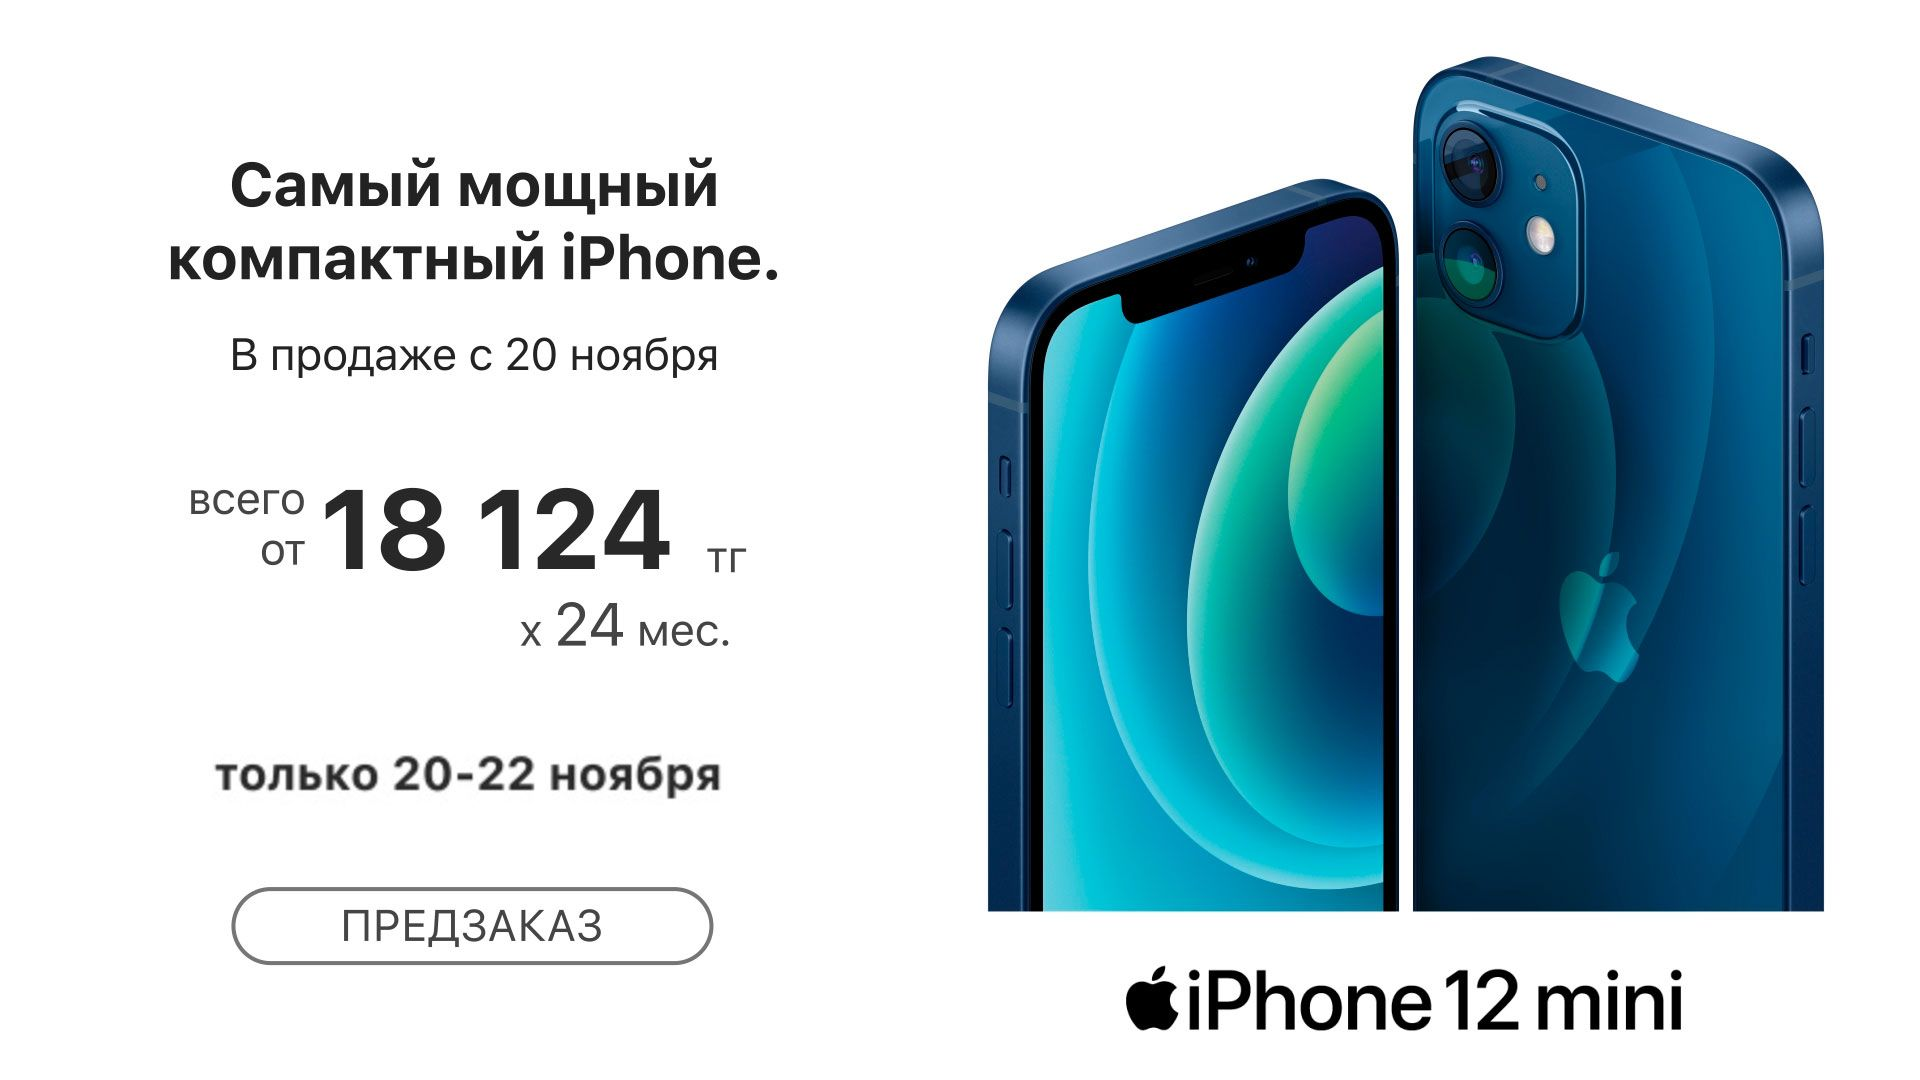 Продажи iPhone 12 mini стартуют в Казахстане с 20 ноября  510610 - Kapital.kz